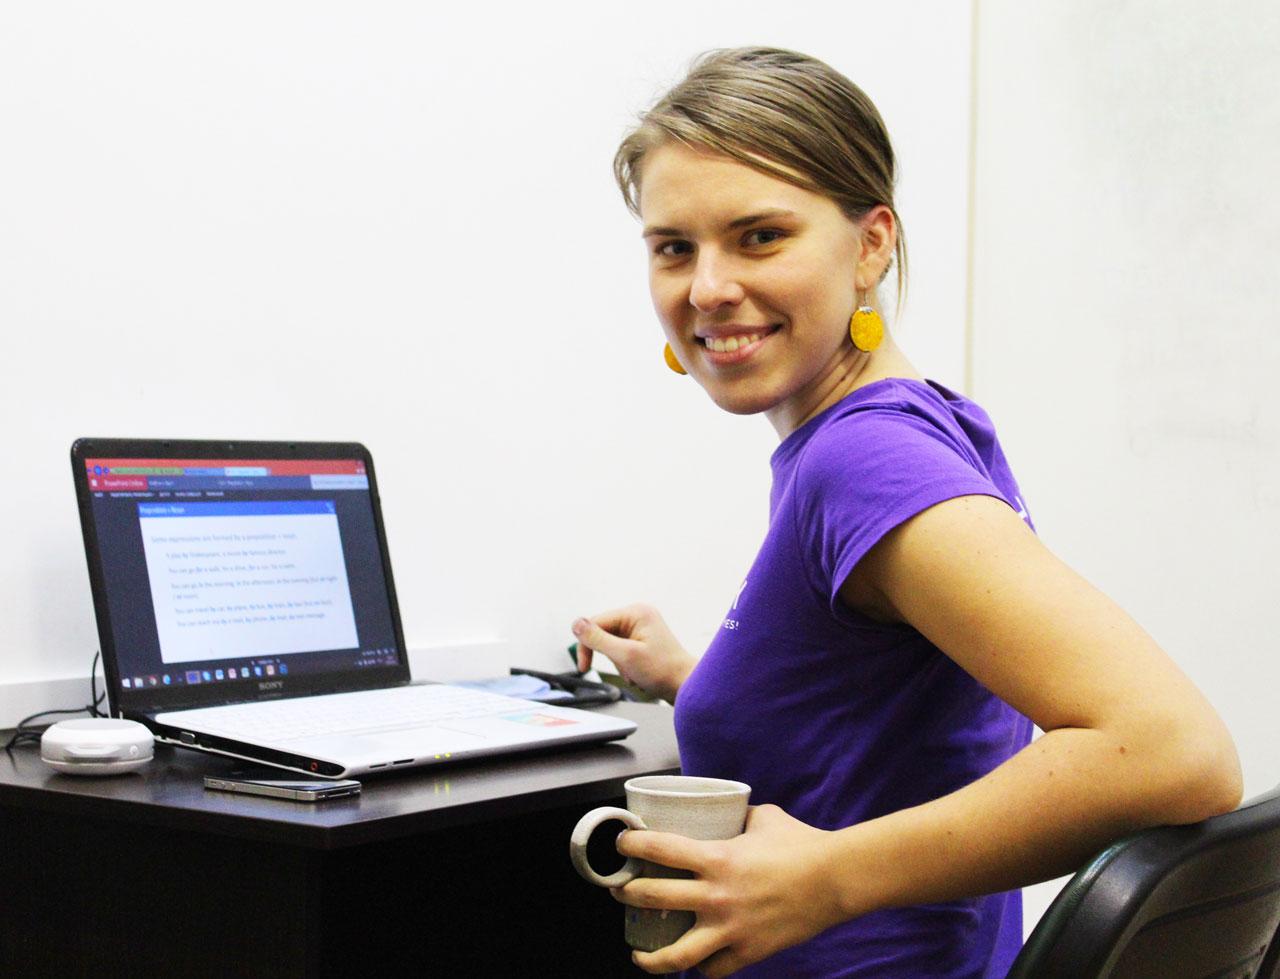 Подготовка к экзаменам KET, PET, FCE, CAE, CPE, IELTS и TOEFL